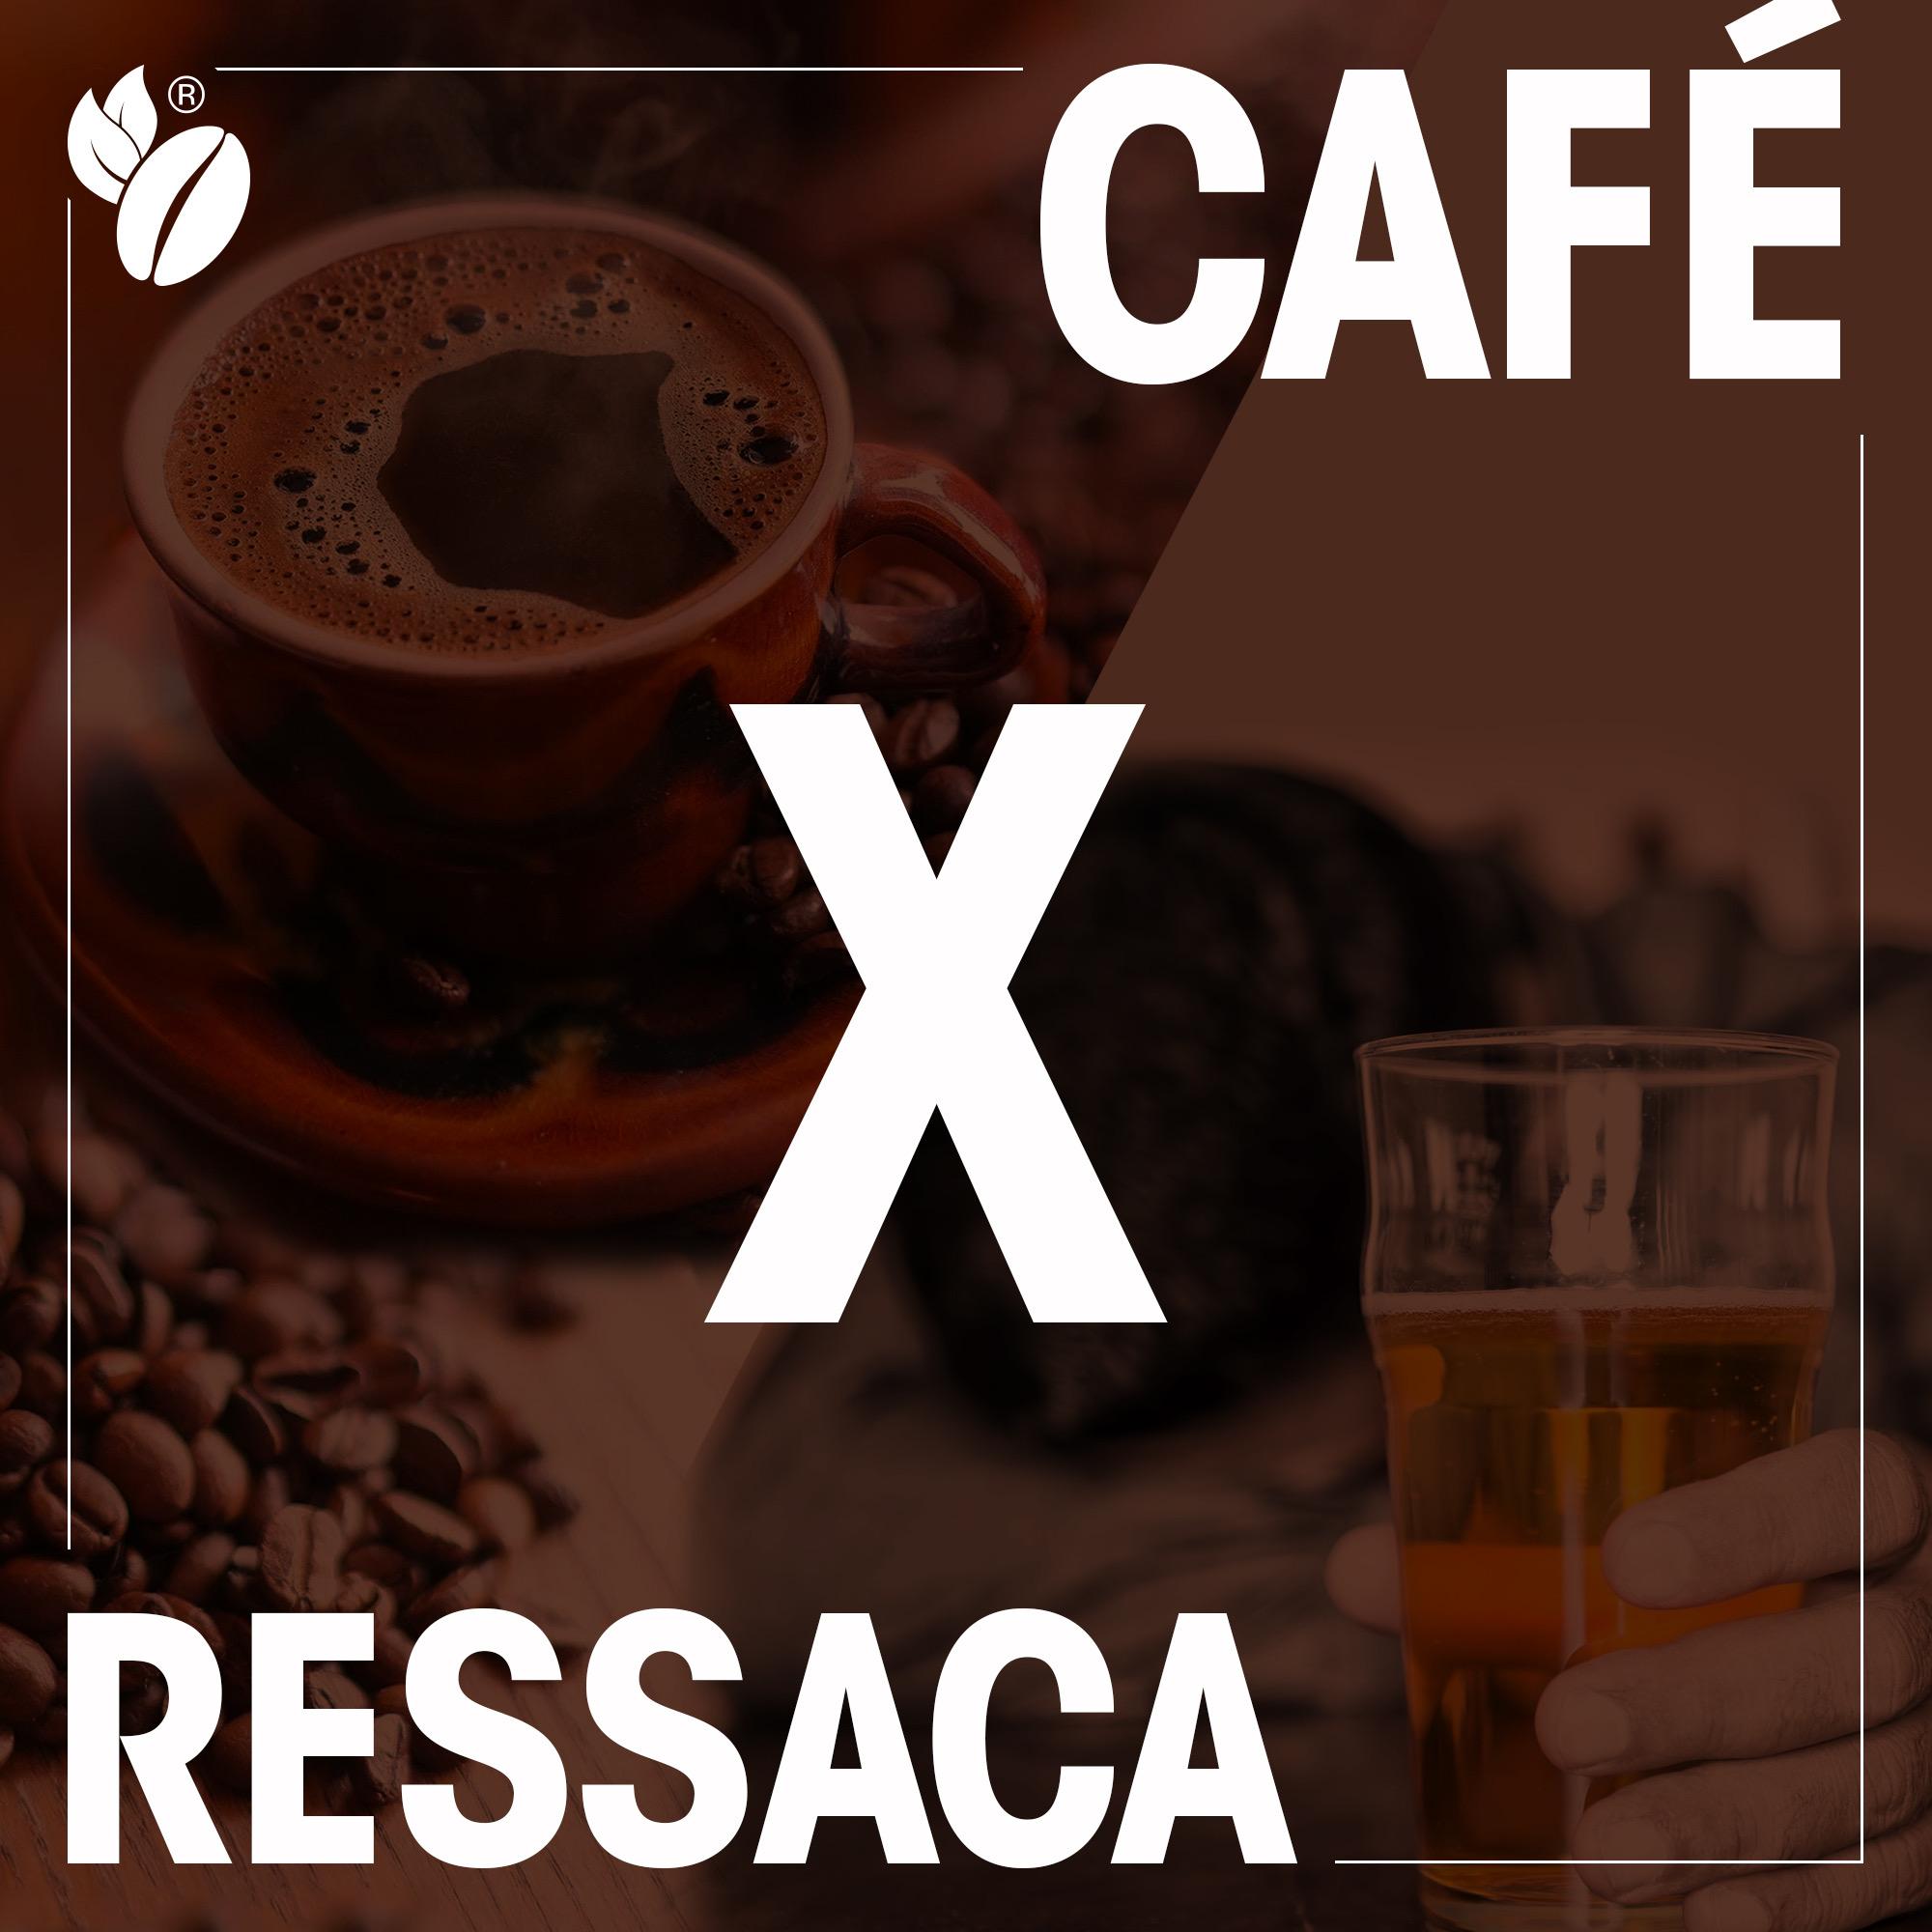 cafe-contra-ressaca